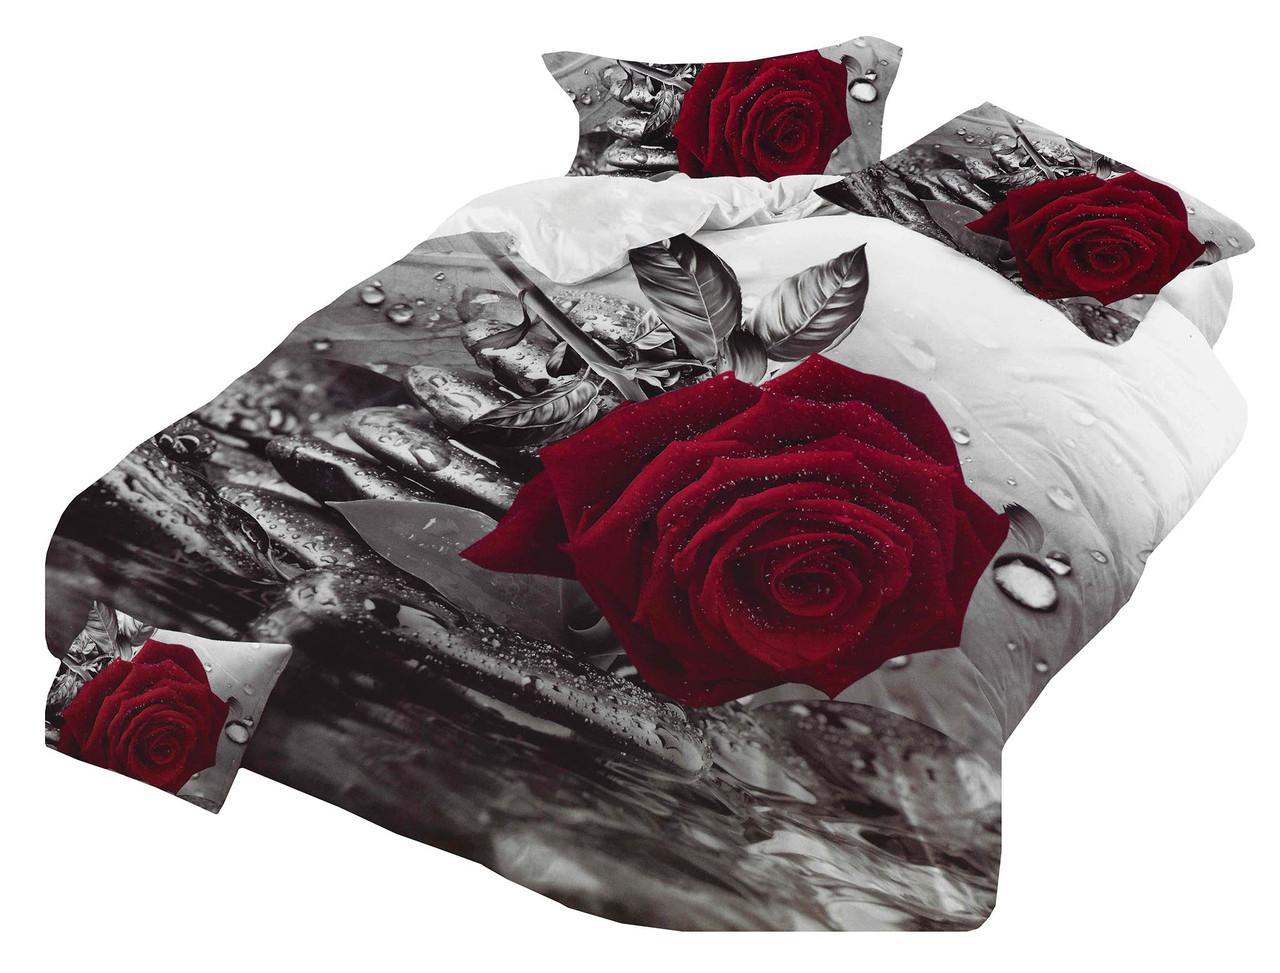 Комплект постельного белья Микроволокно HXDD-598 M&M 7817 Красный, Серый